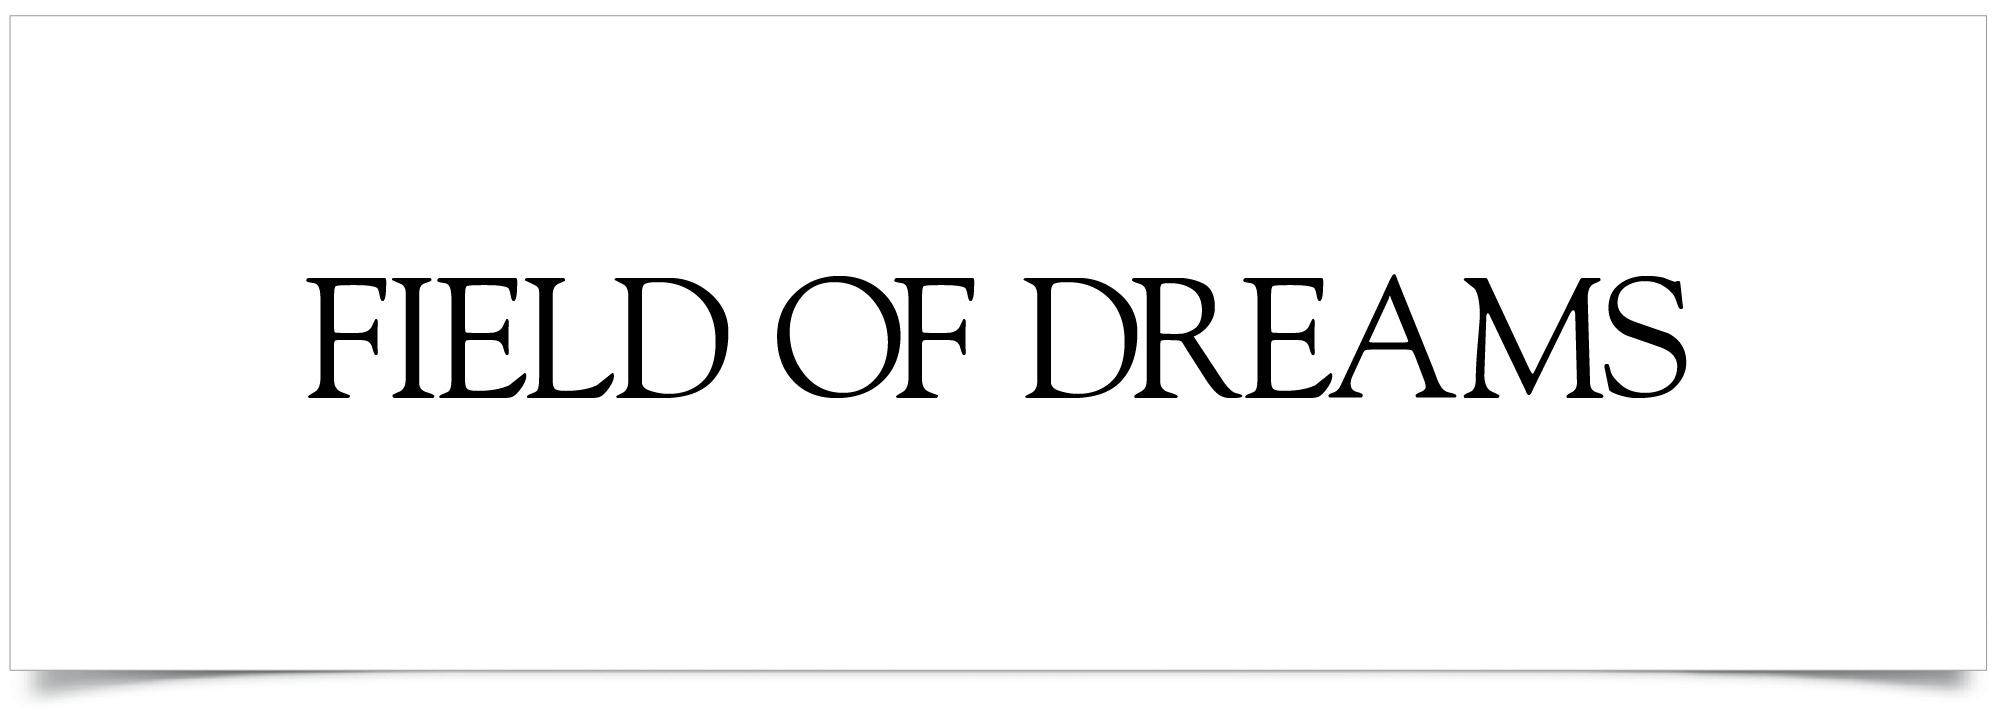 Field of dreams-09.jpg